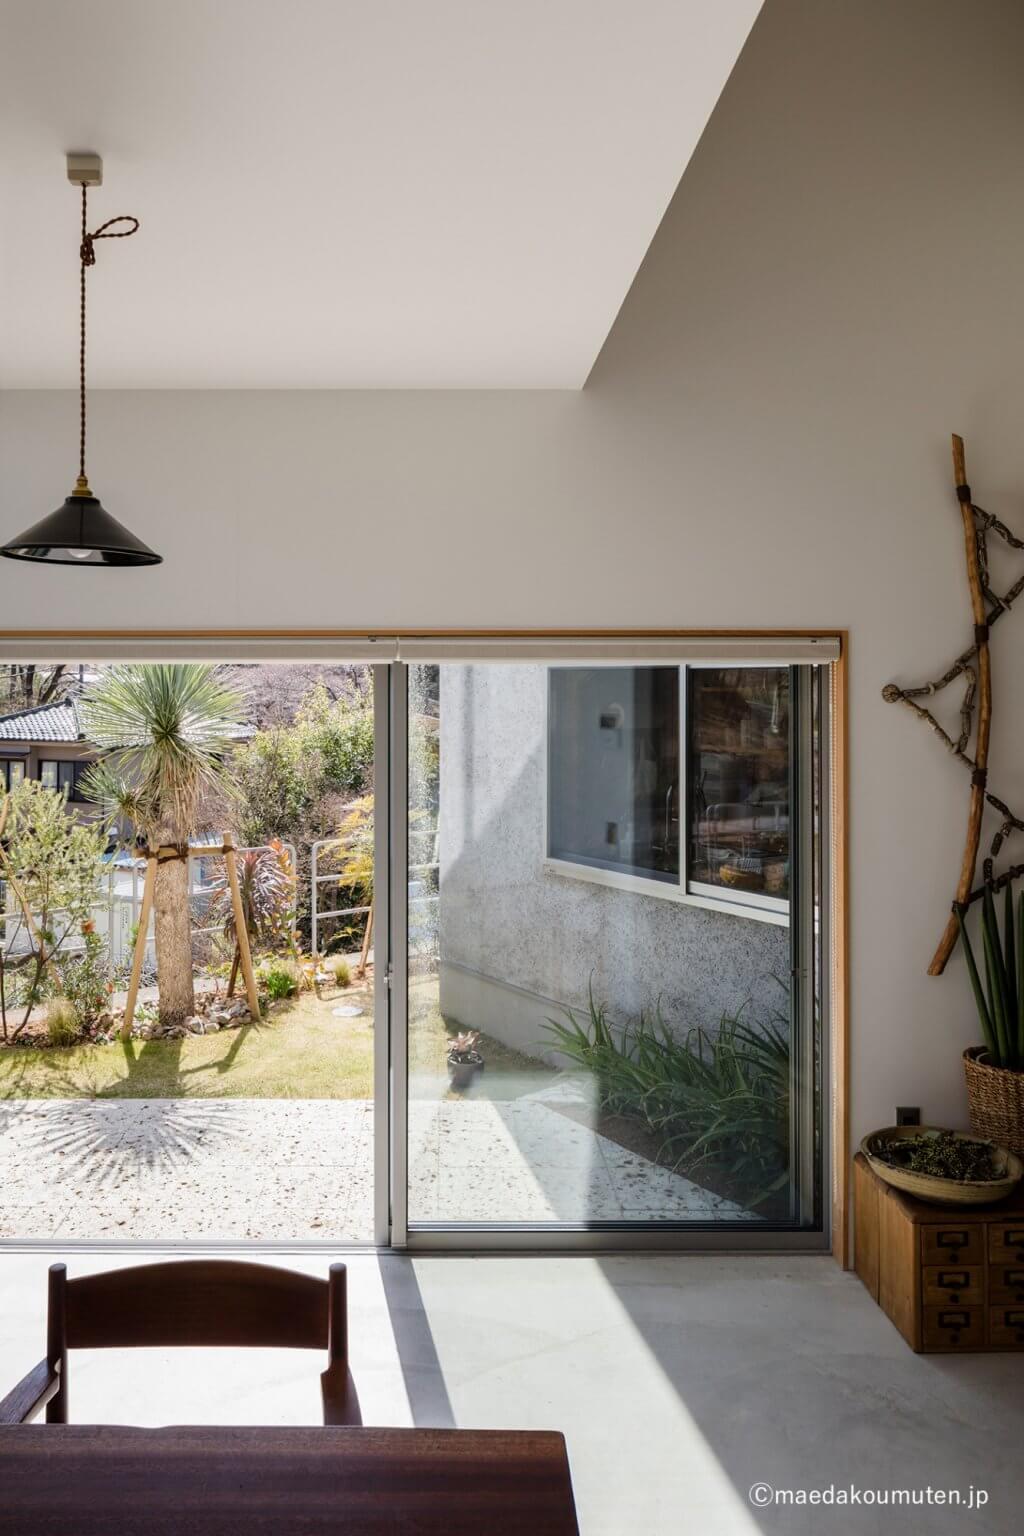 神奈川県、工務店、注文住宅、デザイン住宅、建築家、谷戸の家_29